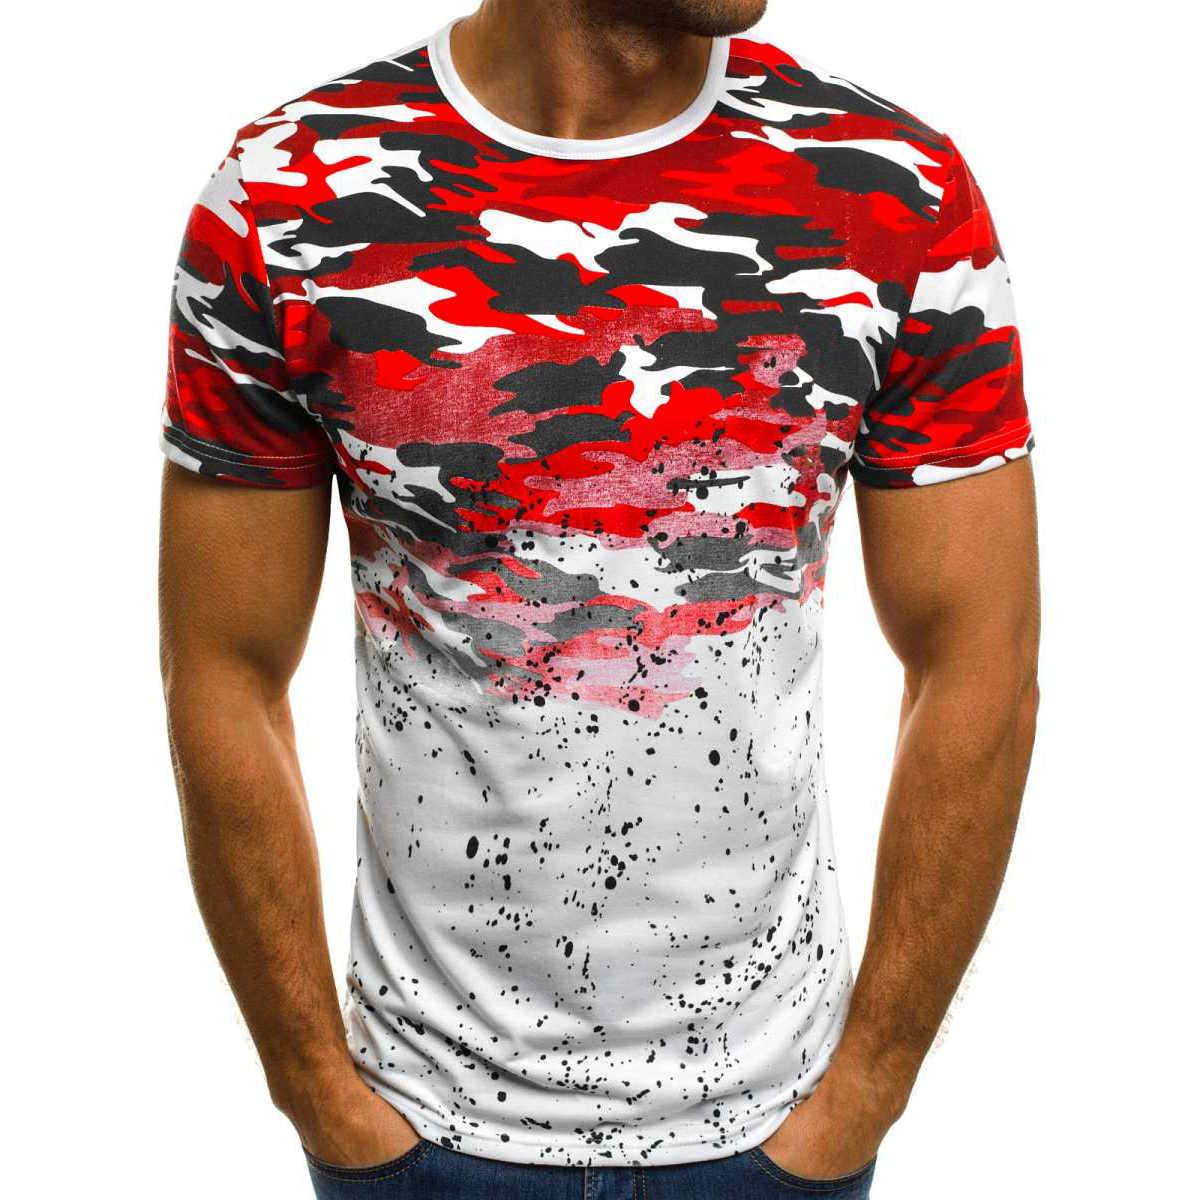 FLYFIREFLY 迷彩 Tシャツシャツ 2019 新ボトムストップ Tシャツ男性ファッションストリートカジュアル Tシャツドロップシッピング